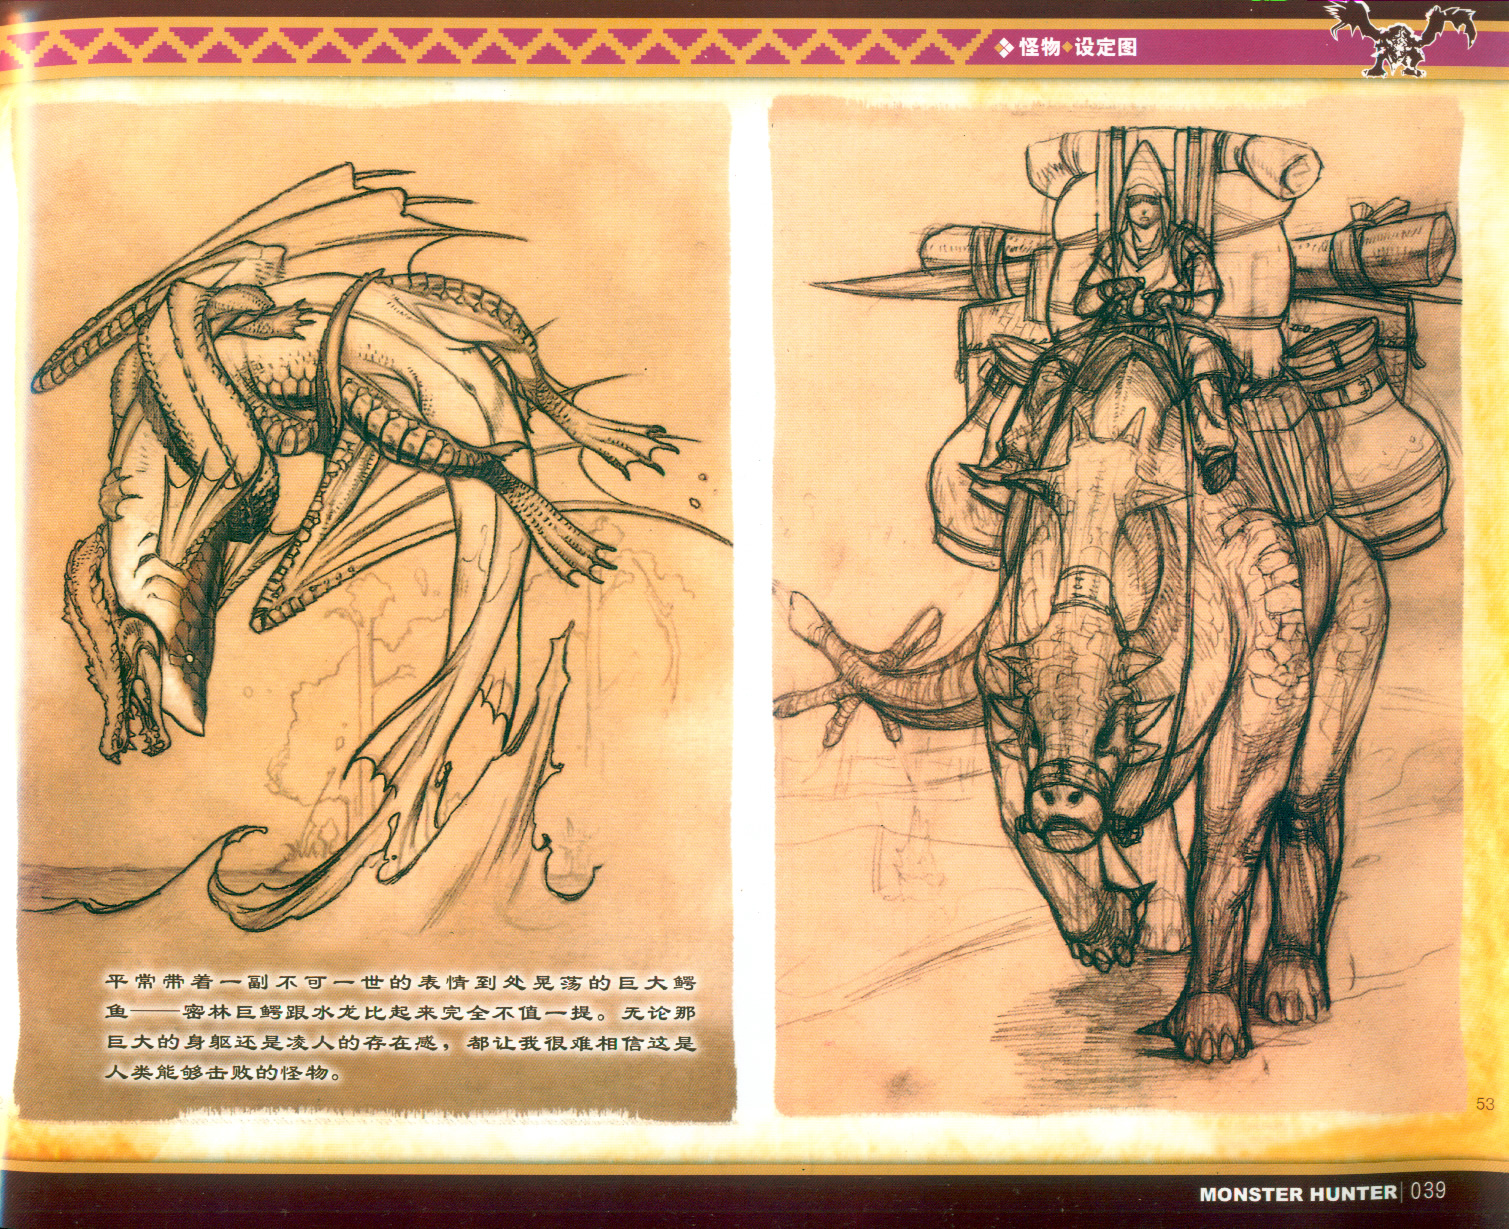 039_关注-游艺网GAME798海量资源下载怪物猎人终极画集.jpg